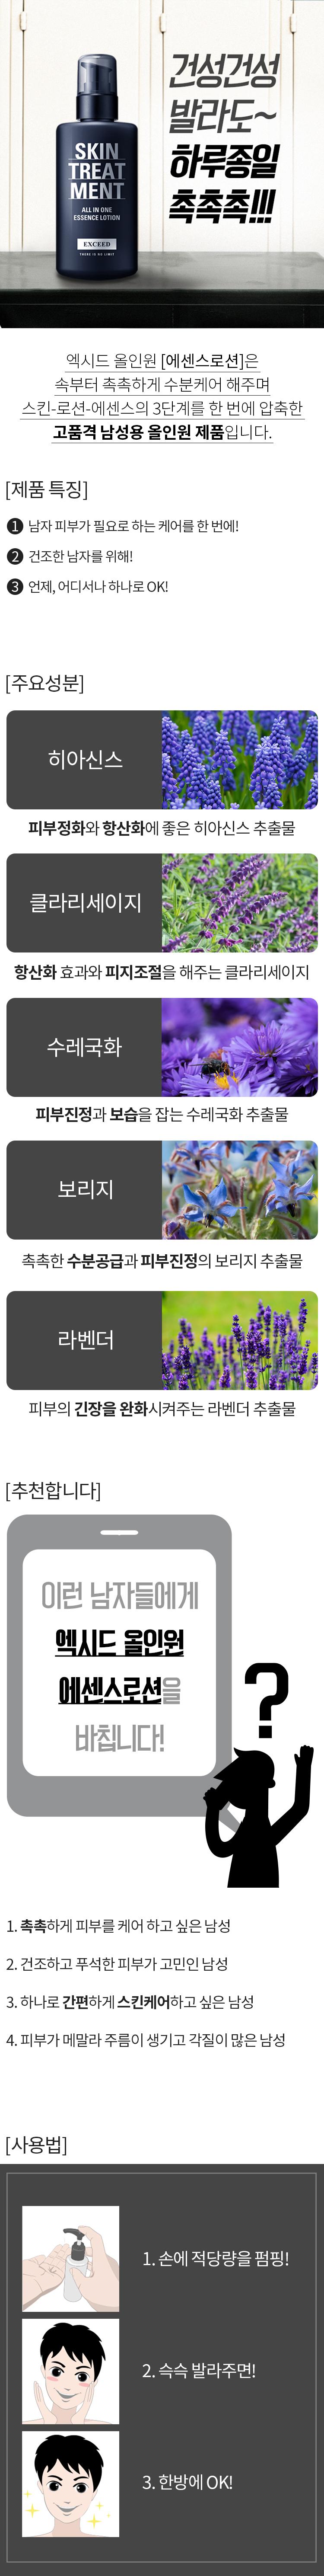 AIO_E_00[M] 수정2+